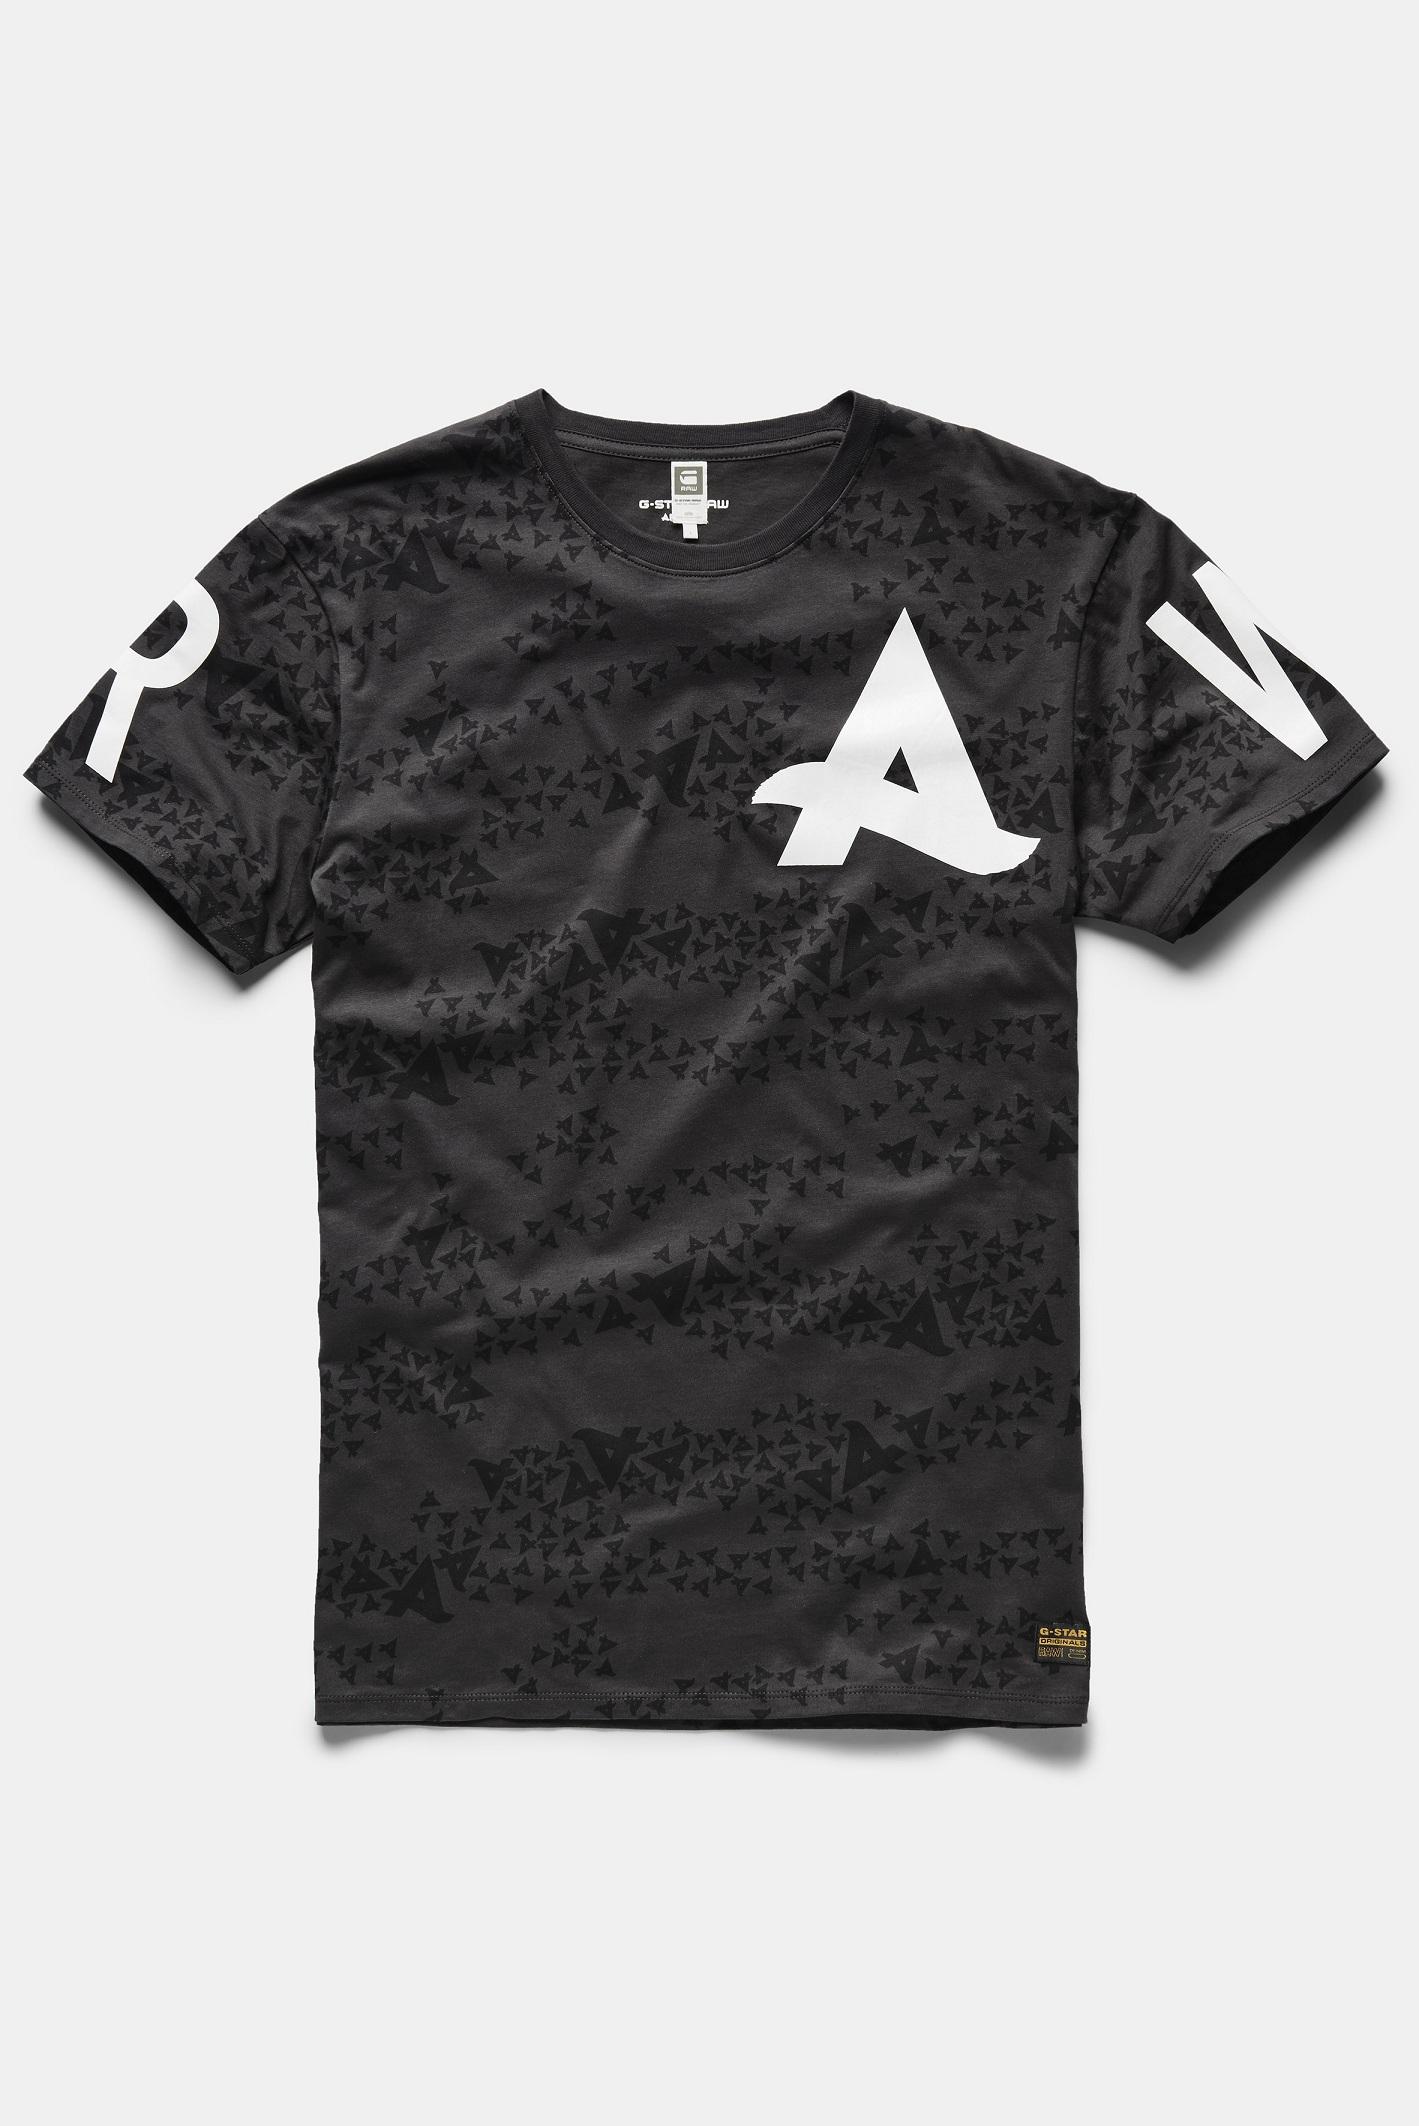 AFROJACK s'attaque a la mode